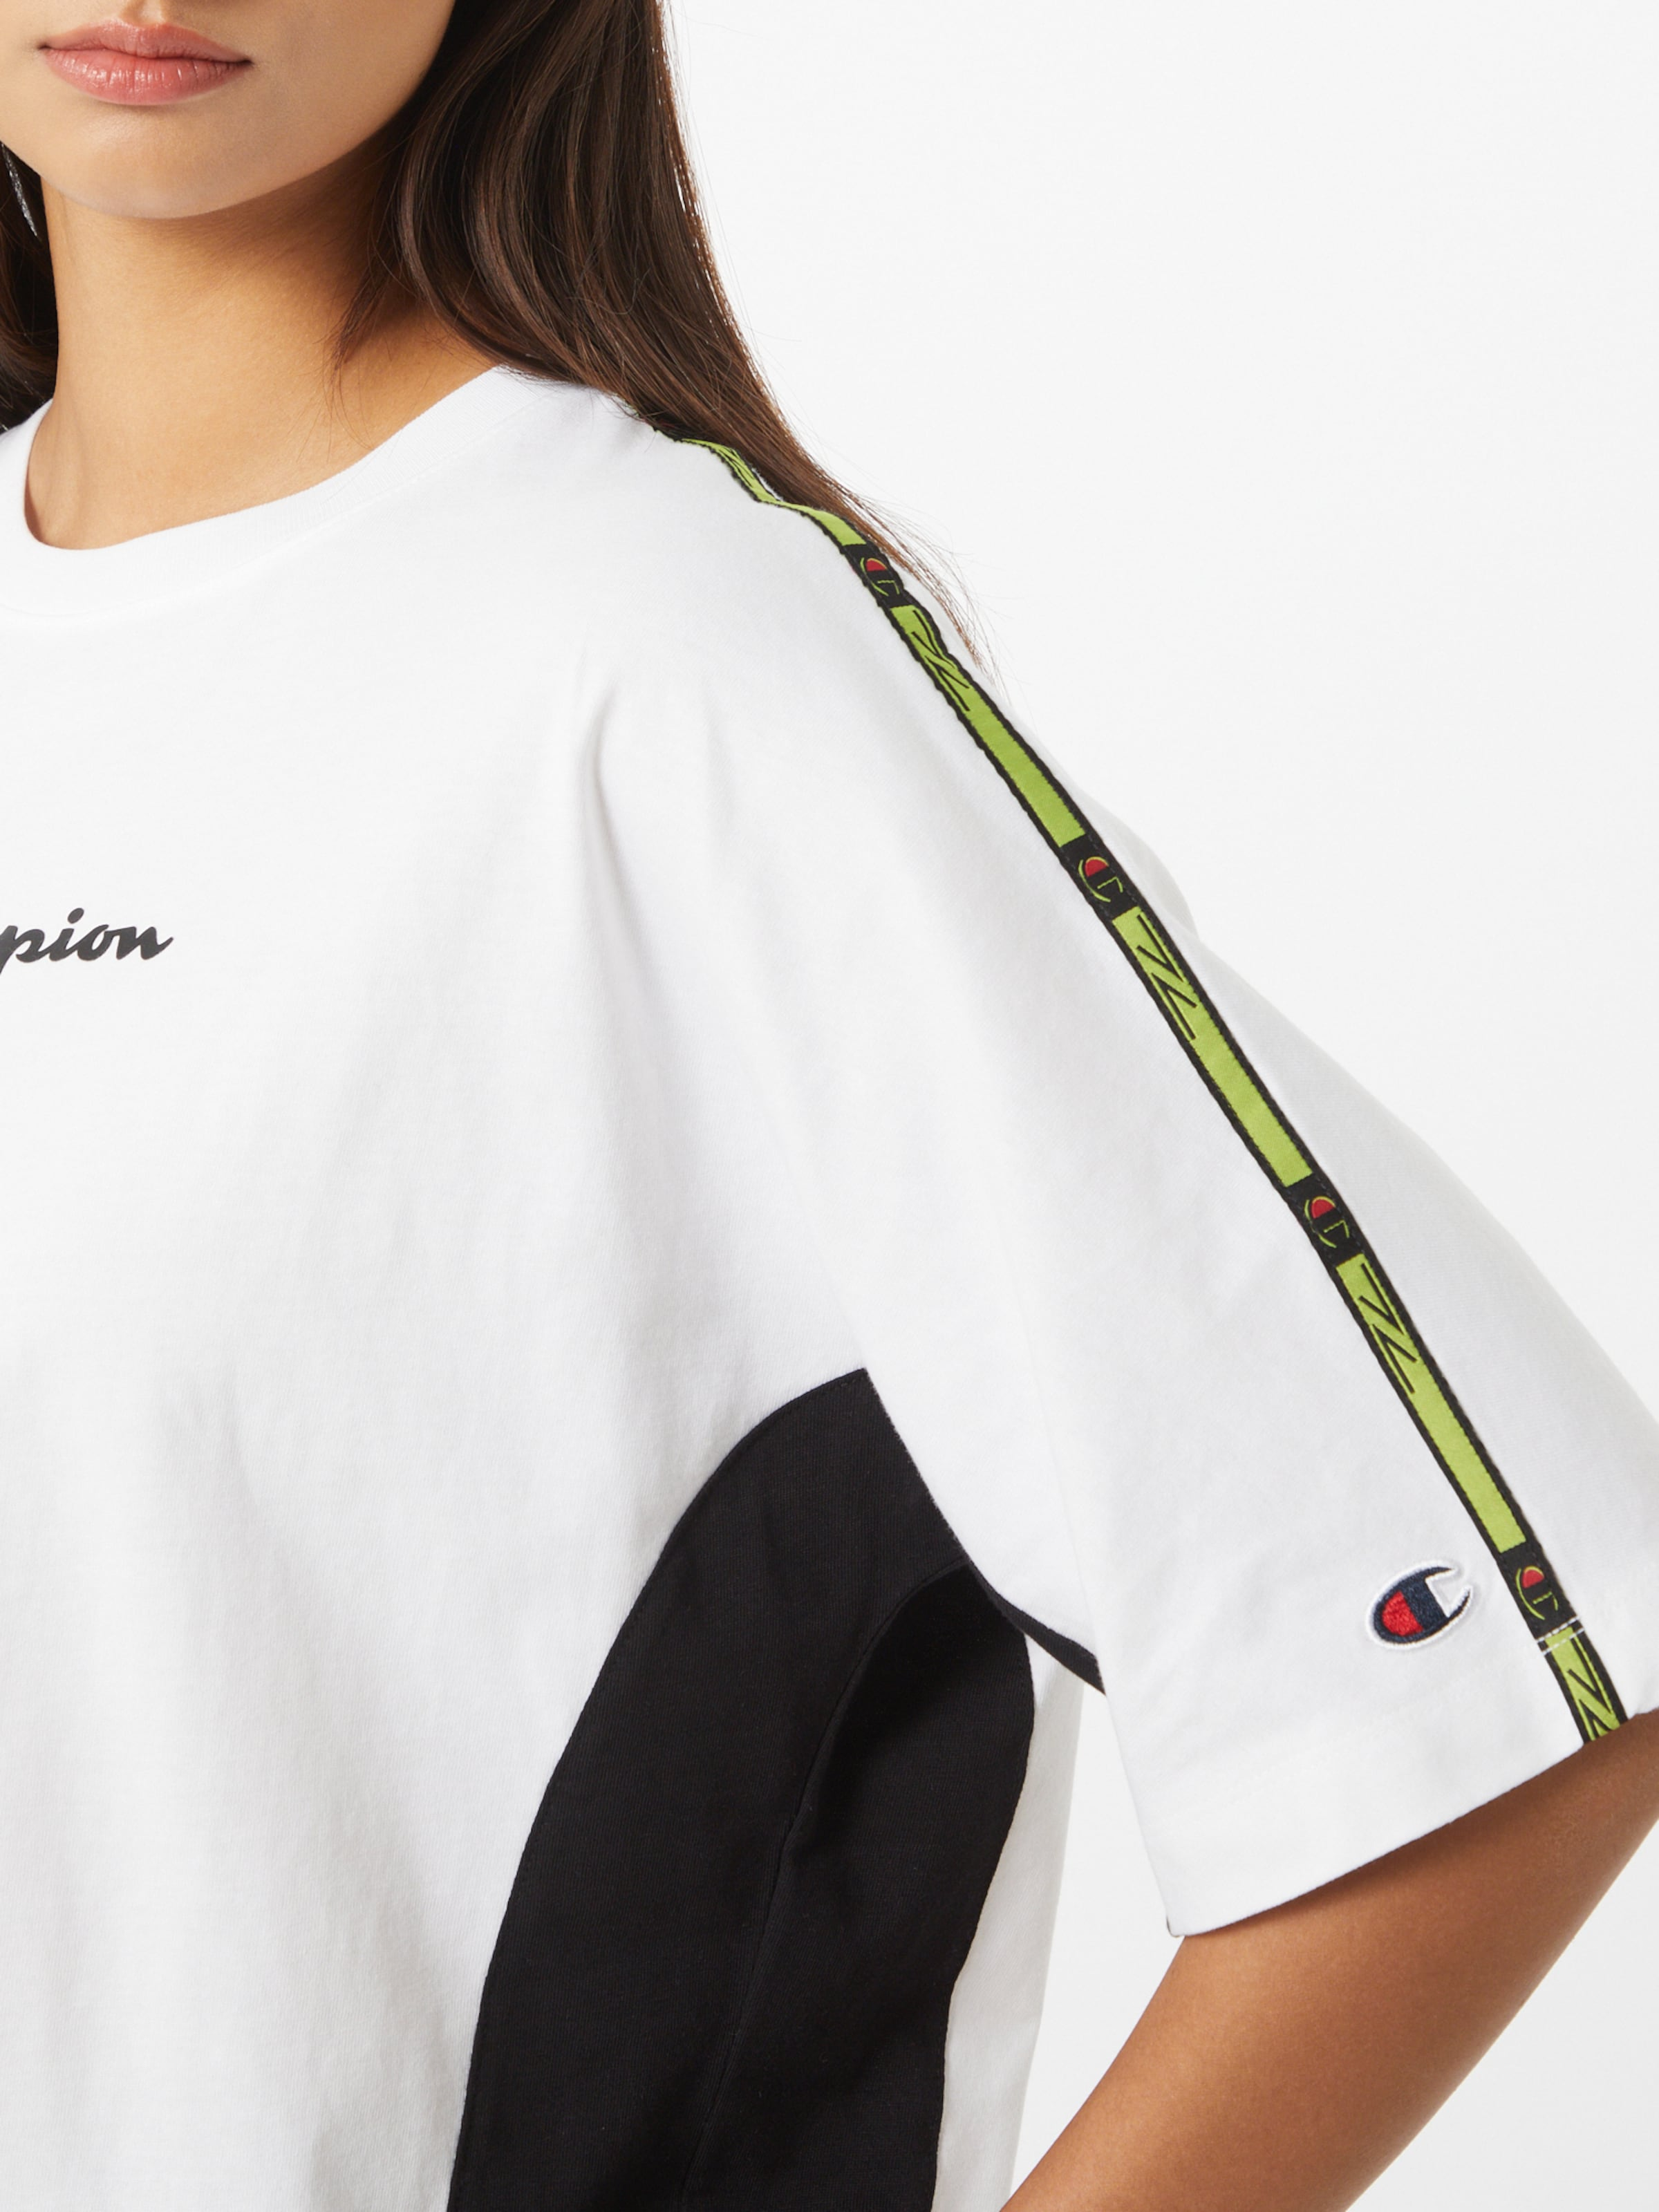 Champion Authentic Athletic Apparel Póló világoszöld / fekete / fehér színben